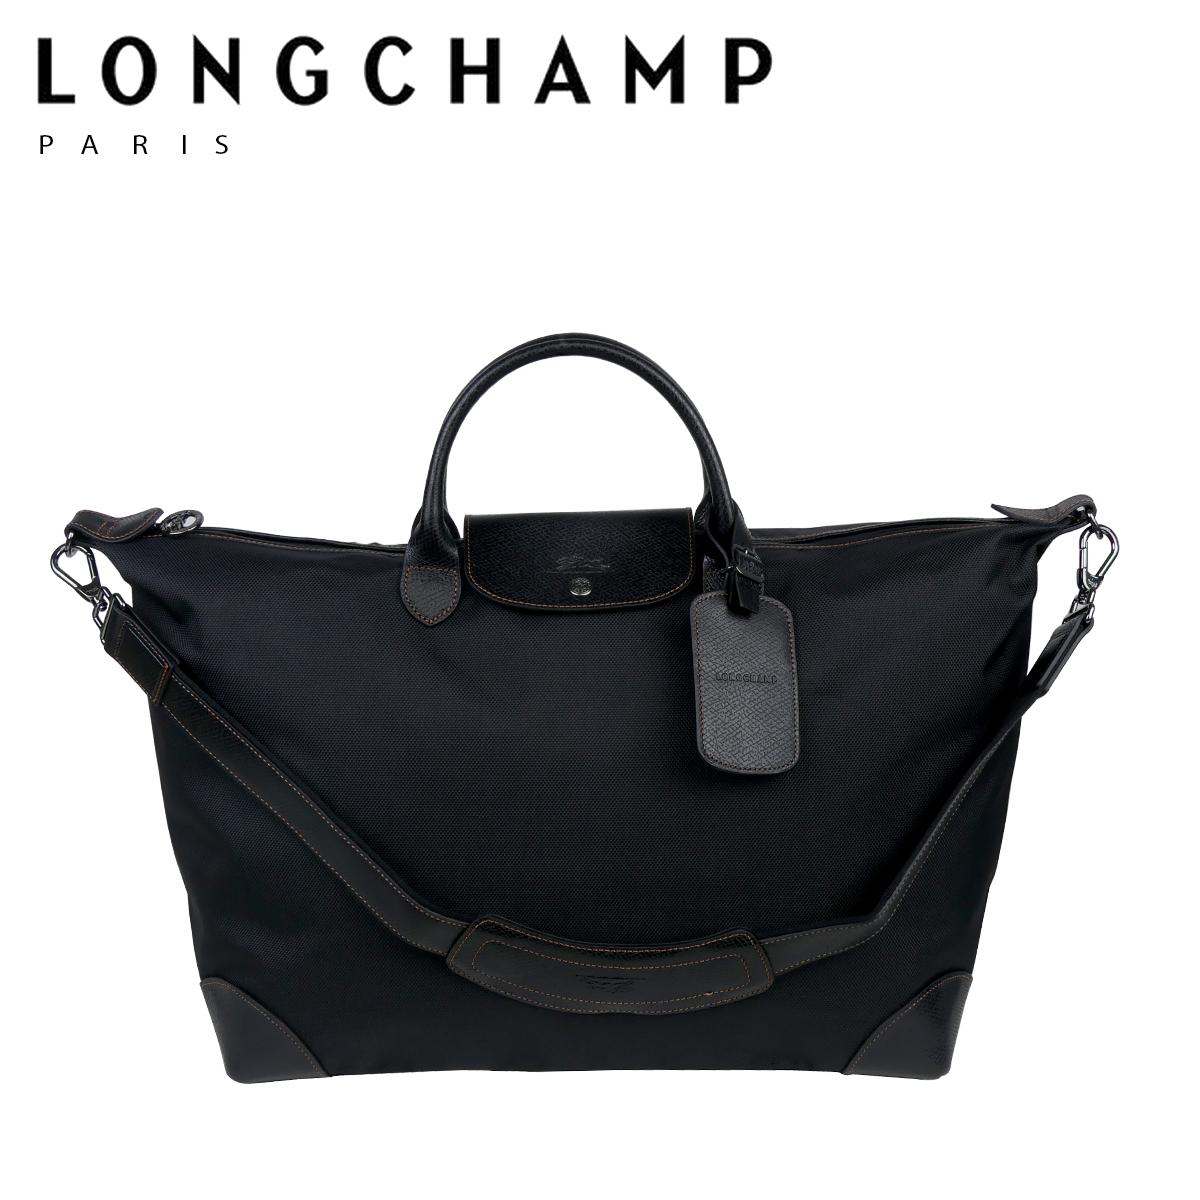 【Max1,000円OFFクーポン】LONGCHAMP ロンシャン ボックスフォード BOXFORD トラベルバッグ 1624-080 ブラック